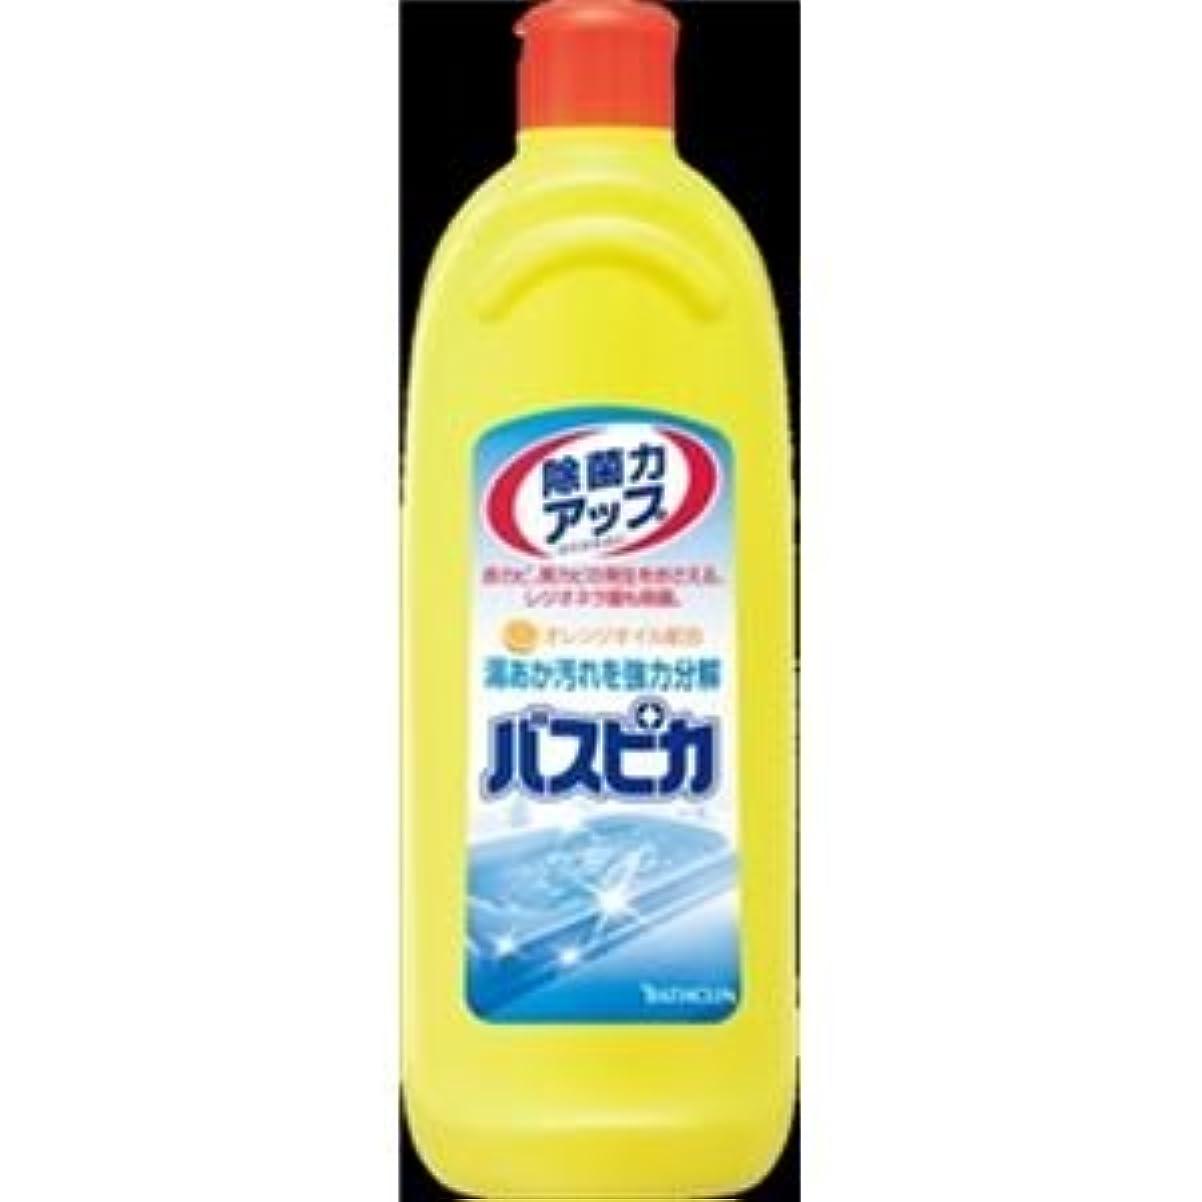 ブラウス量無効(まとめ)バスクリン バスピカ ヤシ油 【×5点セット】